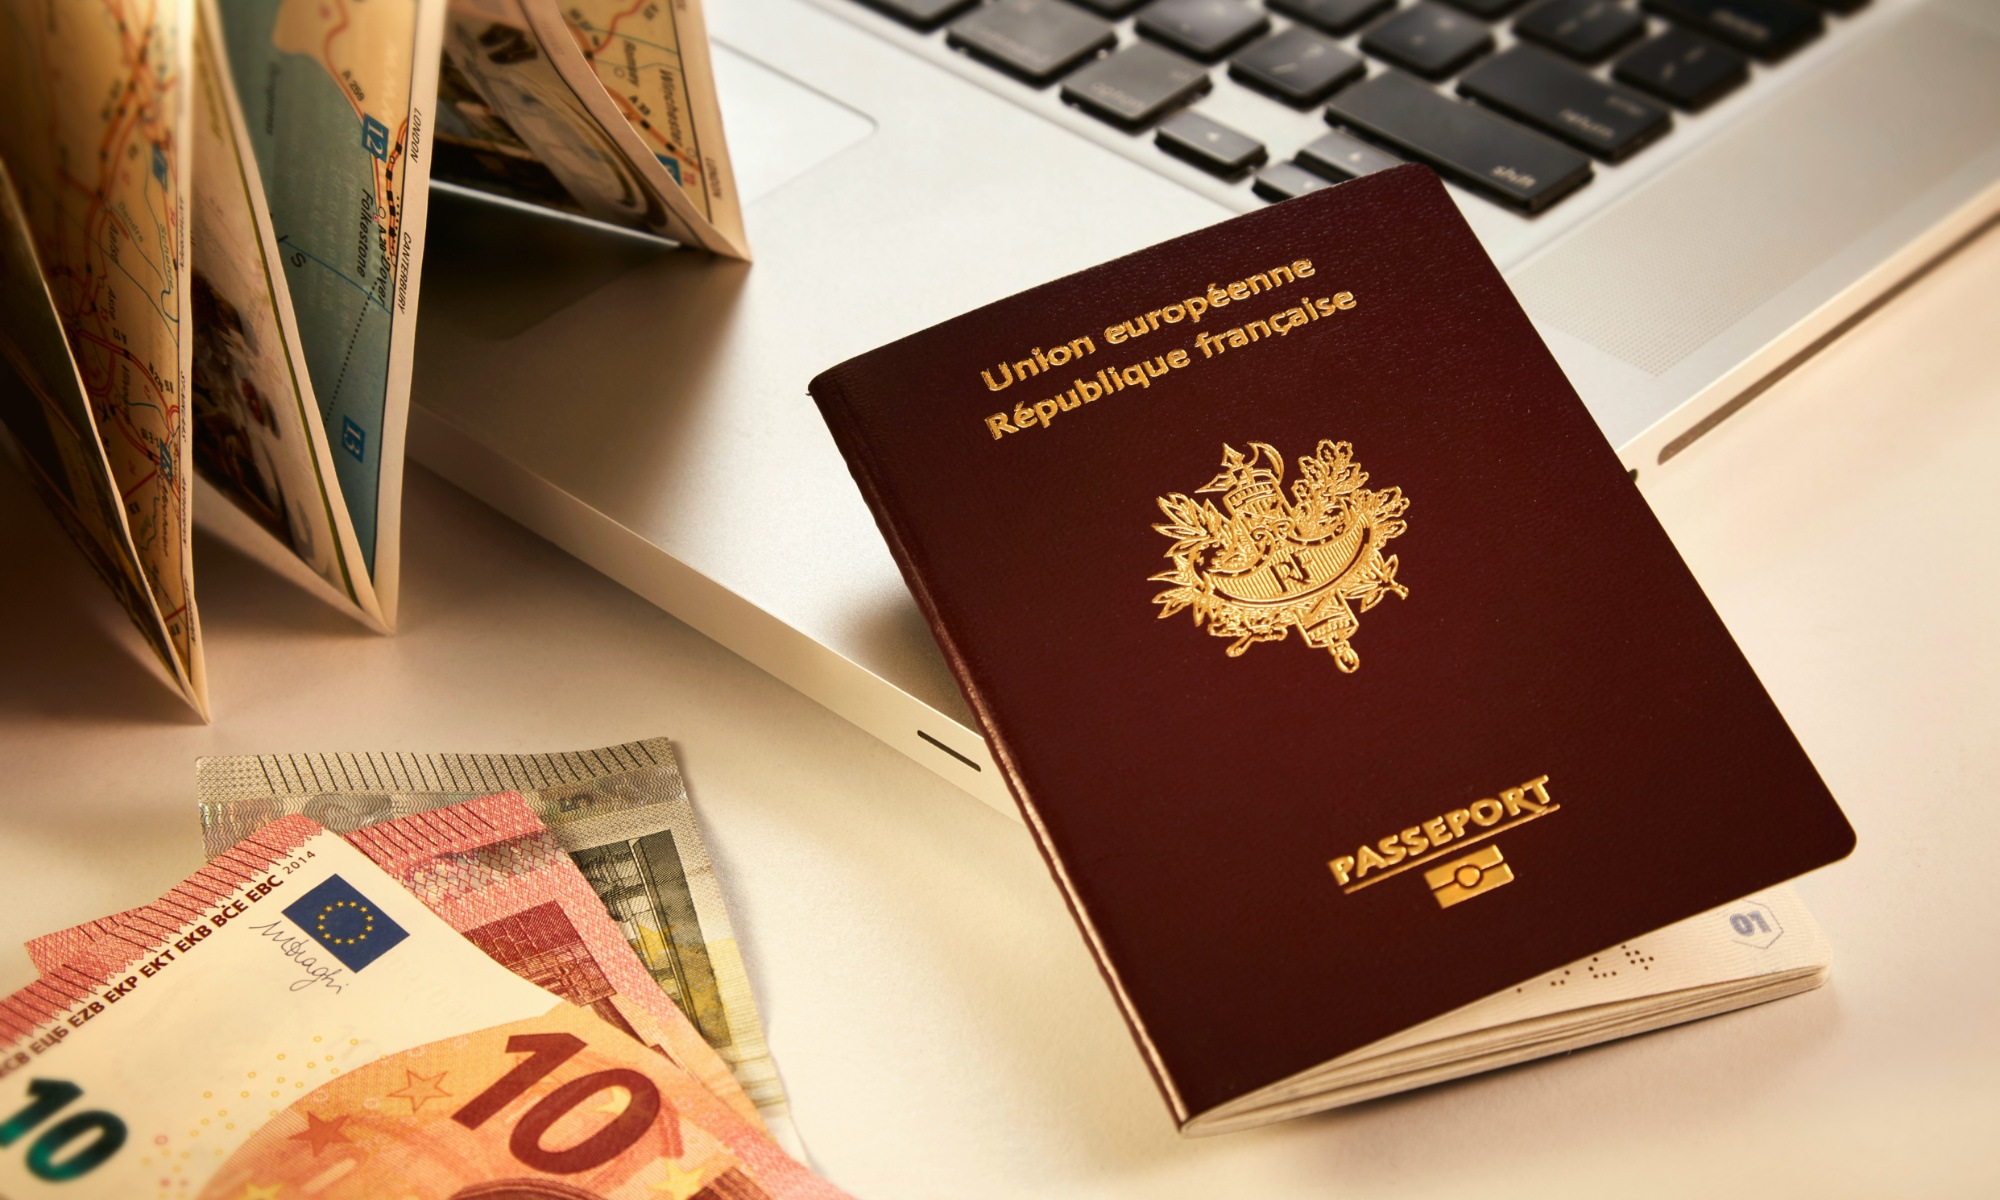 Comment résoudre les problèmes de délivrance de passeports à l'étranger